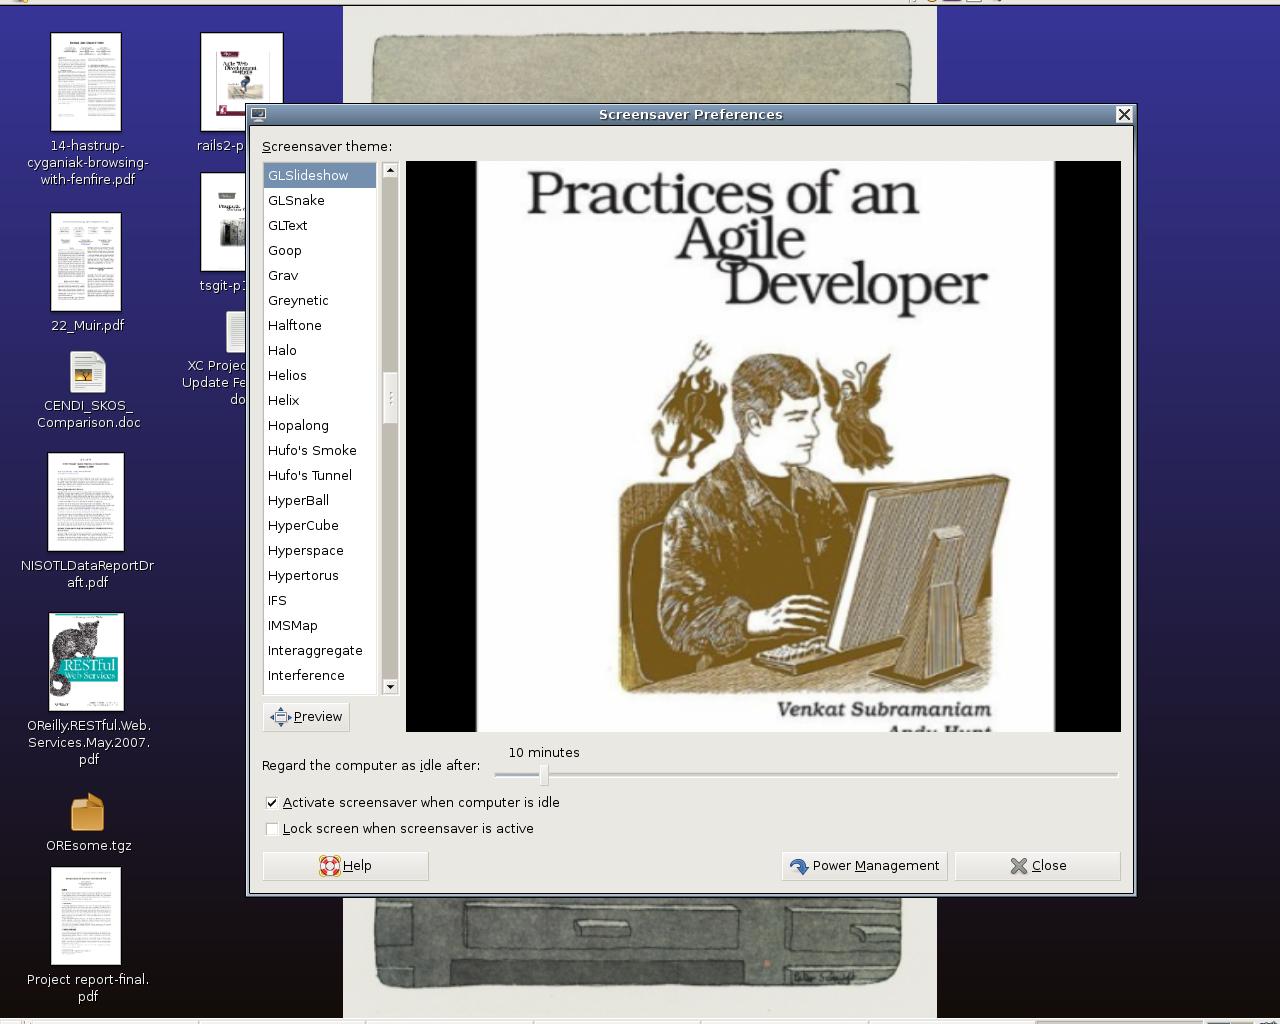 LibraryThing Ubuntu Screen Saver